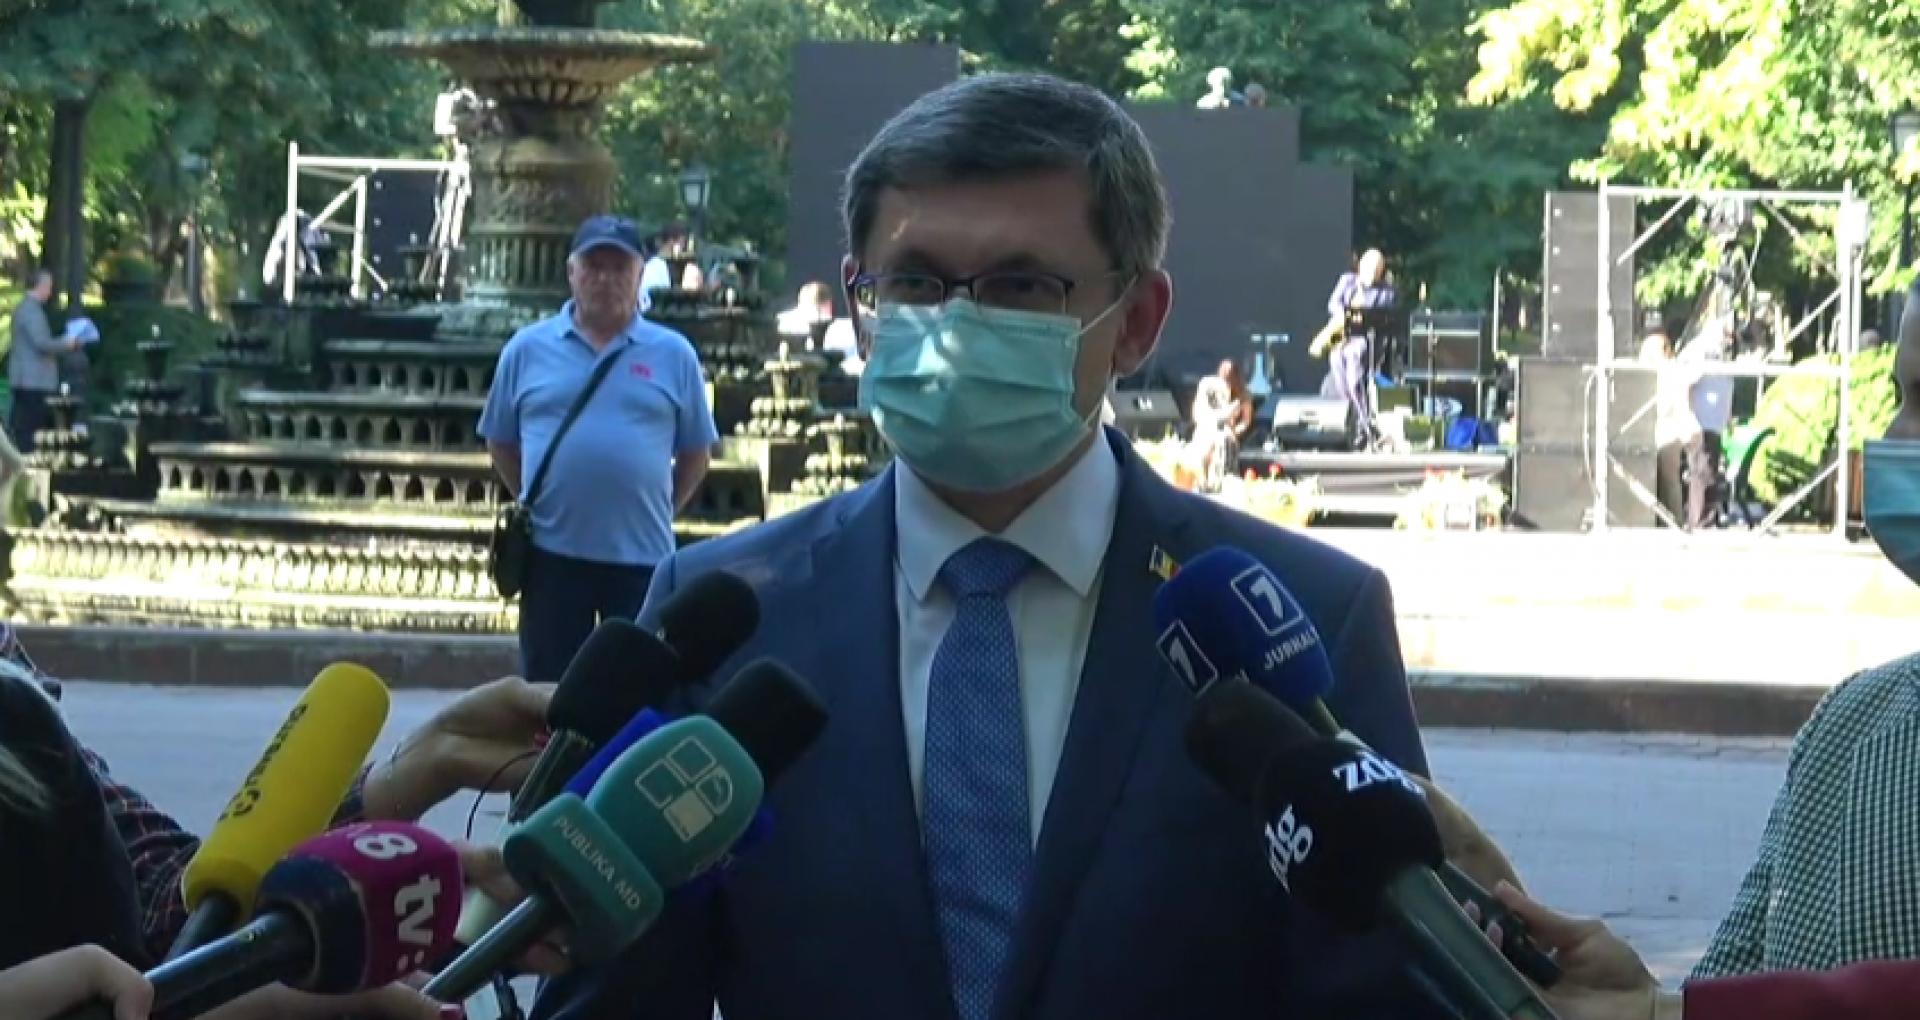 VIDEO/ Ce spune președintele Parlamentului despre apelul lansat de Academia de Științe de a schimba articolul din Constituție care se referă la denumirea limbii de stat